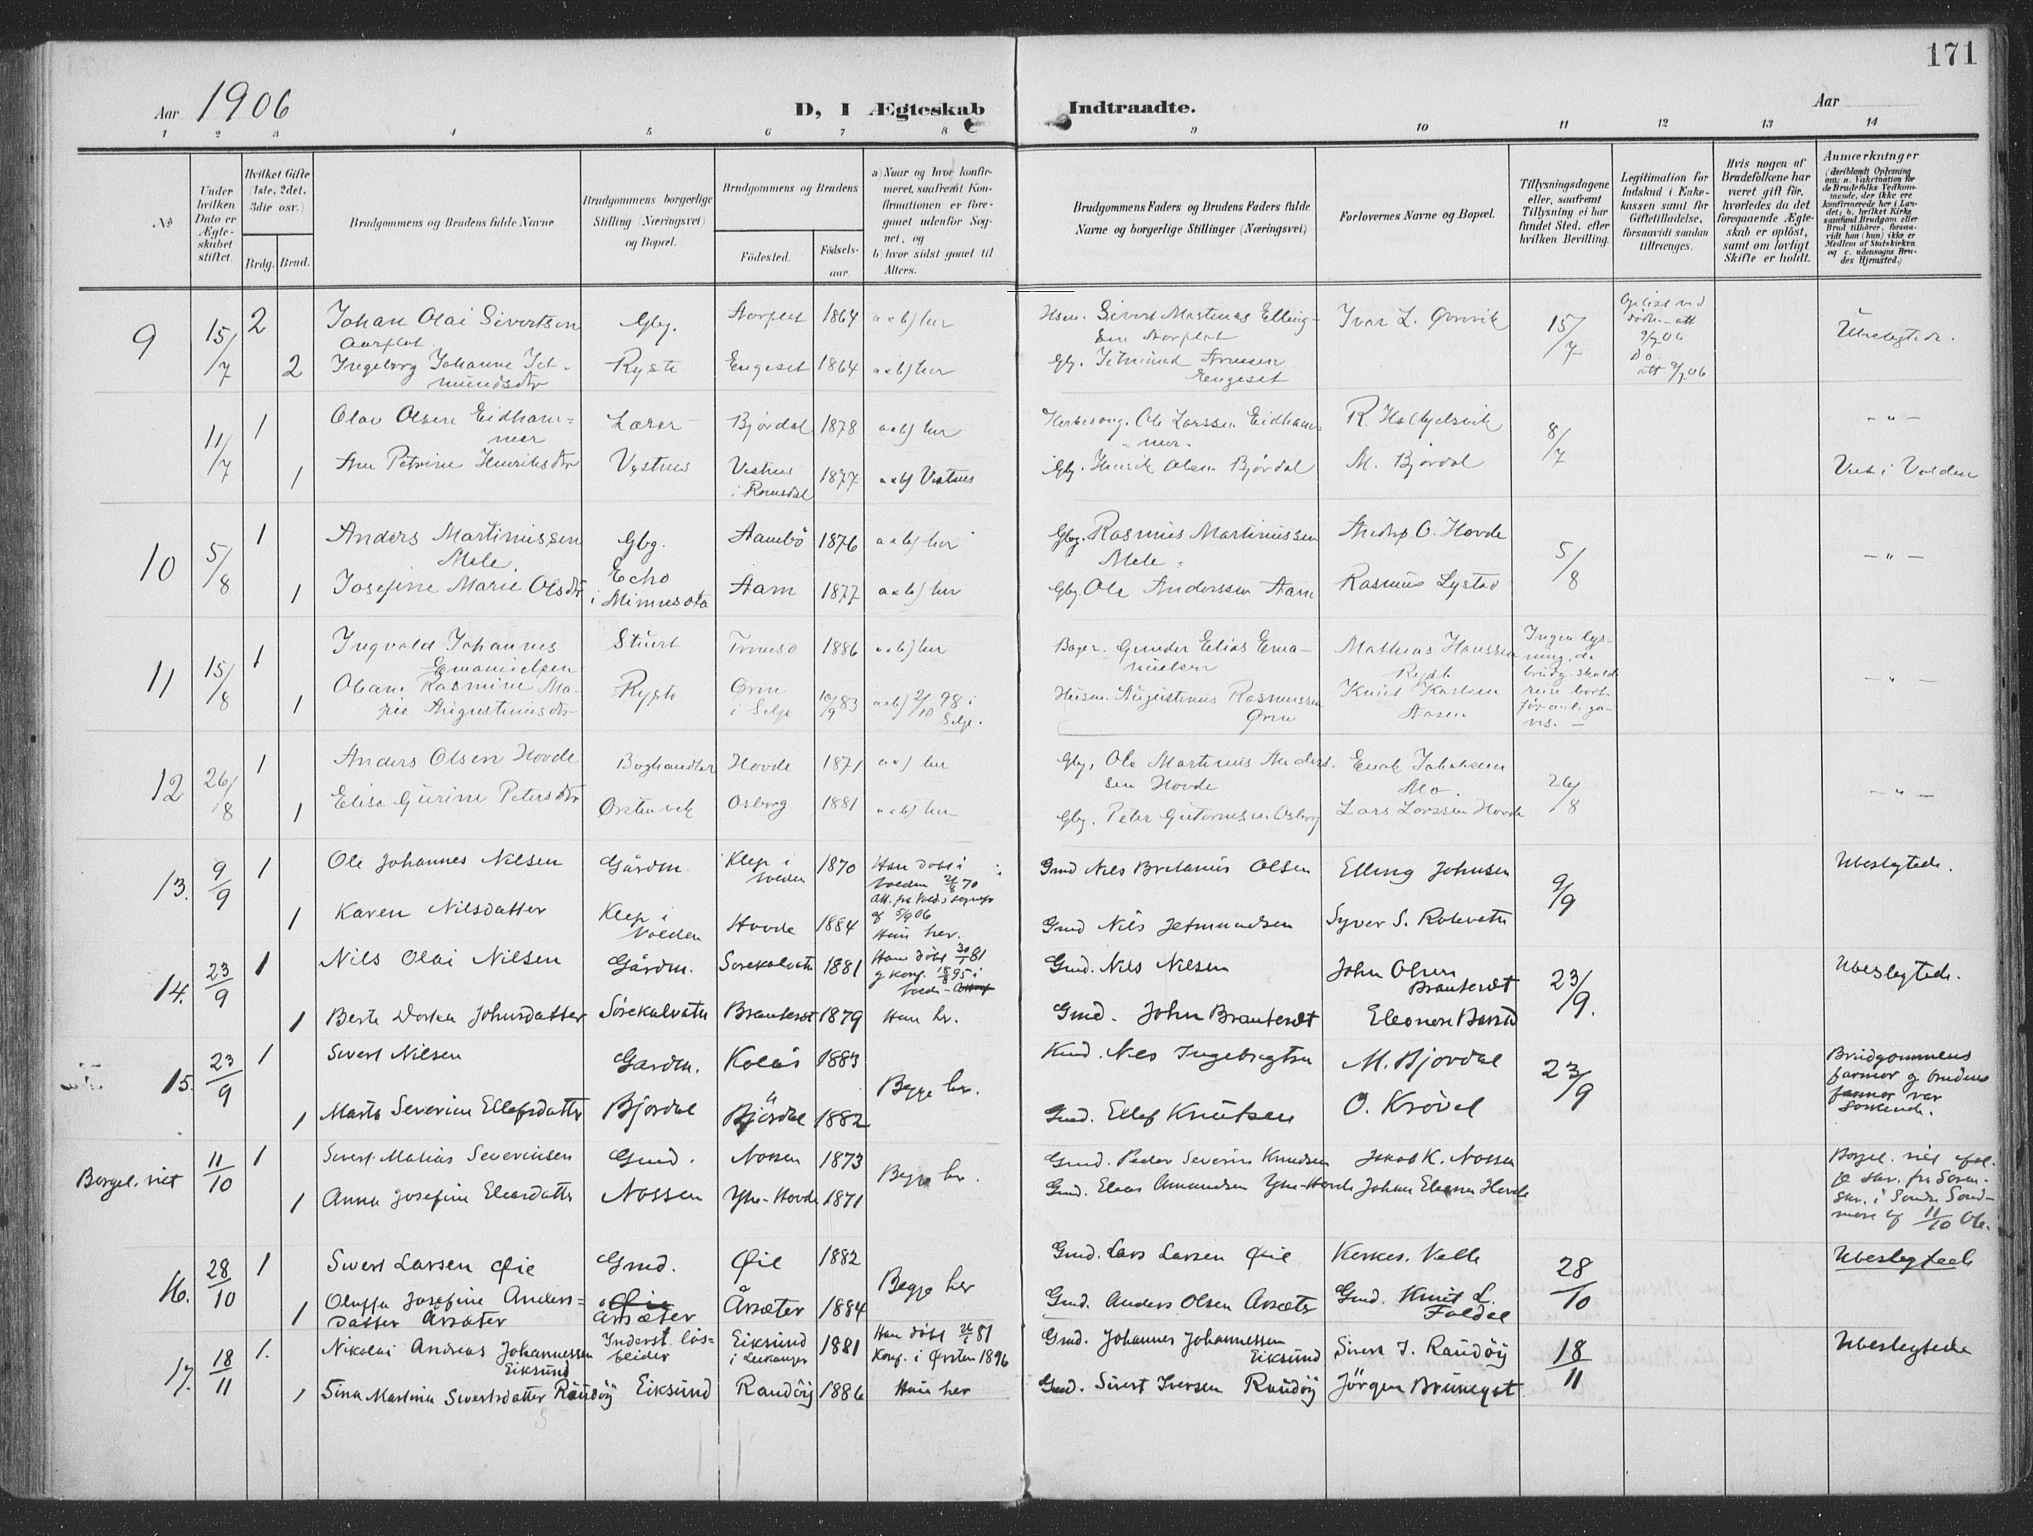 SAT, Ministerialprotokoller, klokkerbøker og fødselsregistre - Møre og Romsdal, 513/L0178: Ministerialbok nr. 513A05, 1906-1919, s. 171